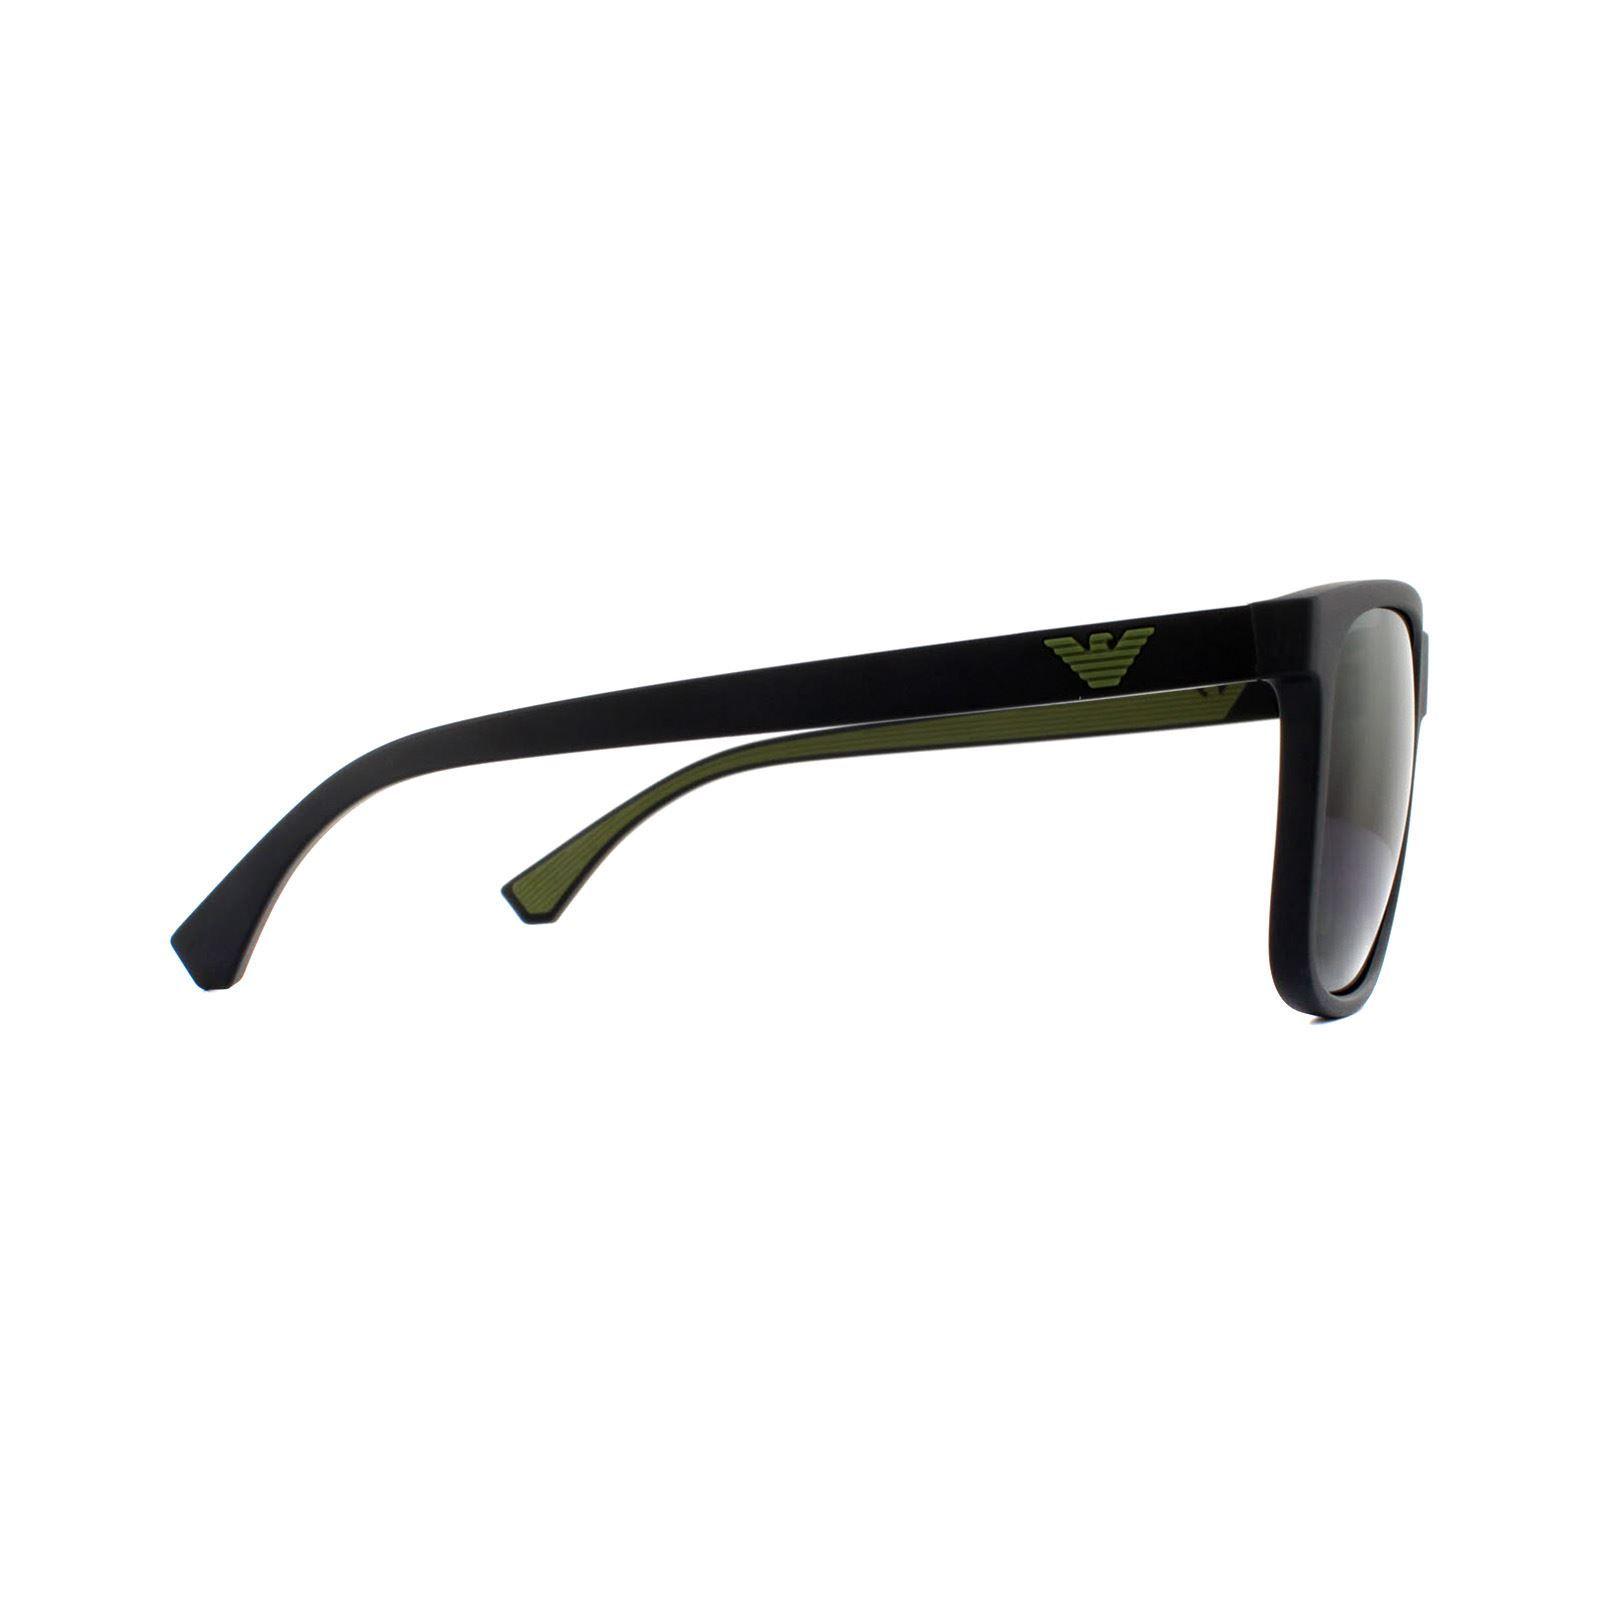 Emporio Armani Sunglasses EA4129 504287 Matte Black Grey Gradient